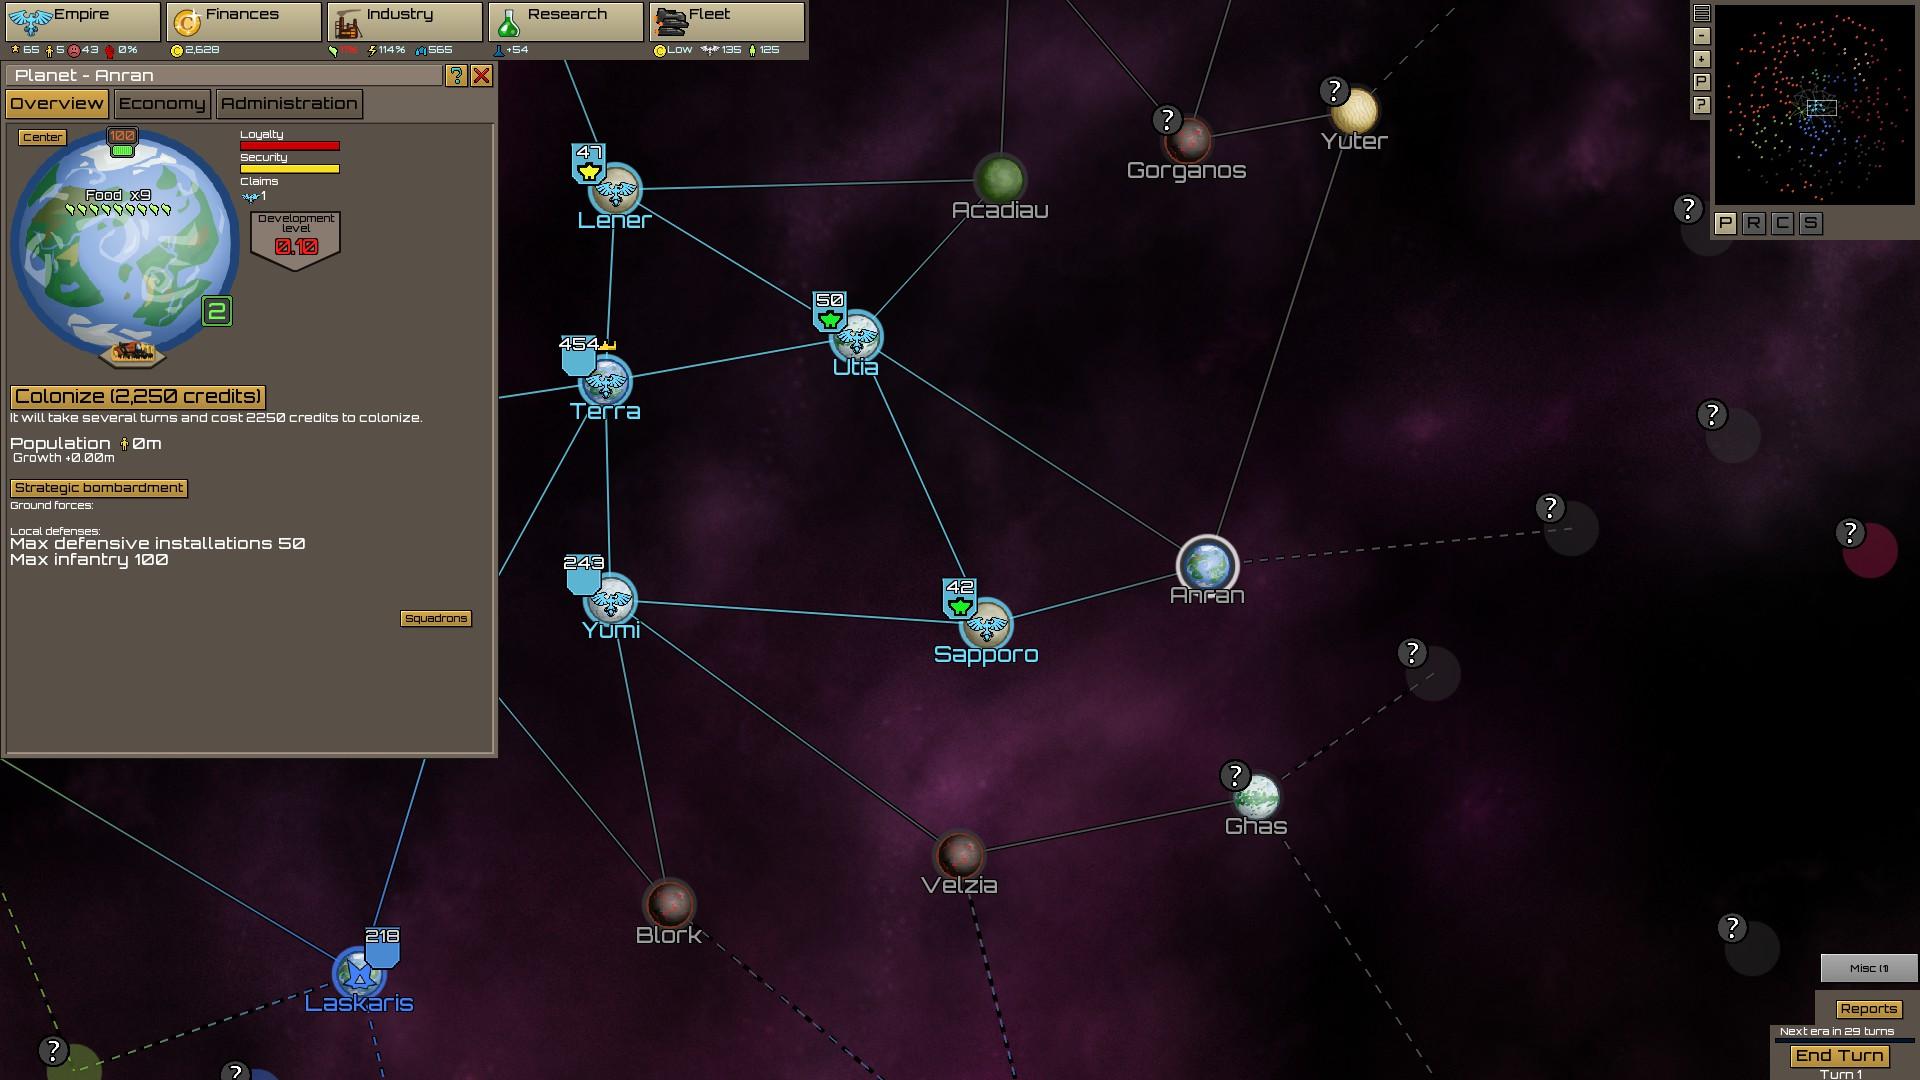 惑星がワープ航路でつながるオーソドックスなマップ。入植したい惑星で入植ボタンを押せば、数ターン後に完了する。艦隊を自動設定すれば国境惑星に駐在してくれるので、防衛し忘れることはない。